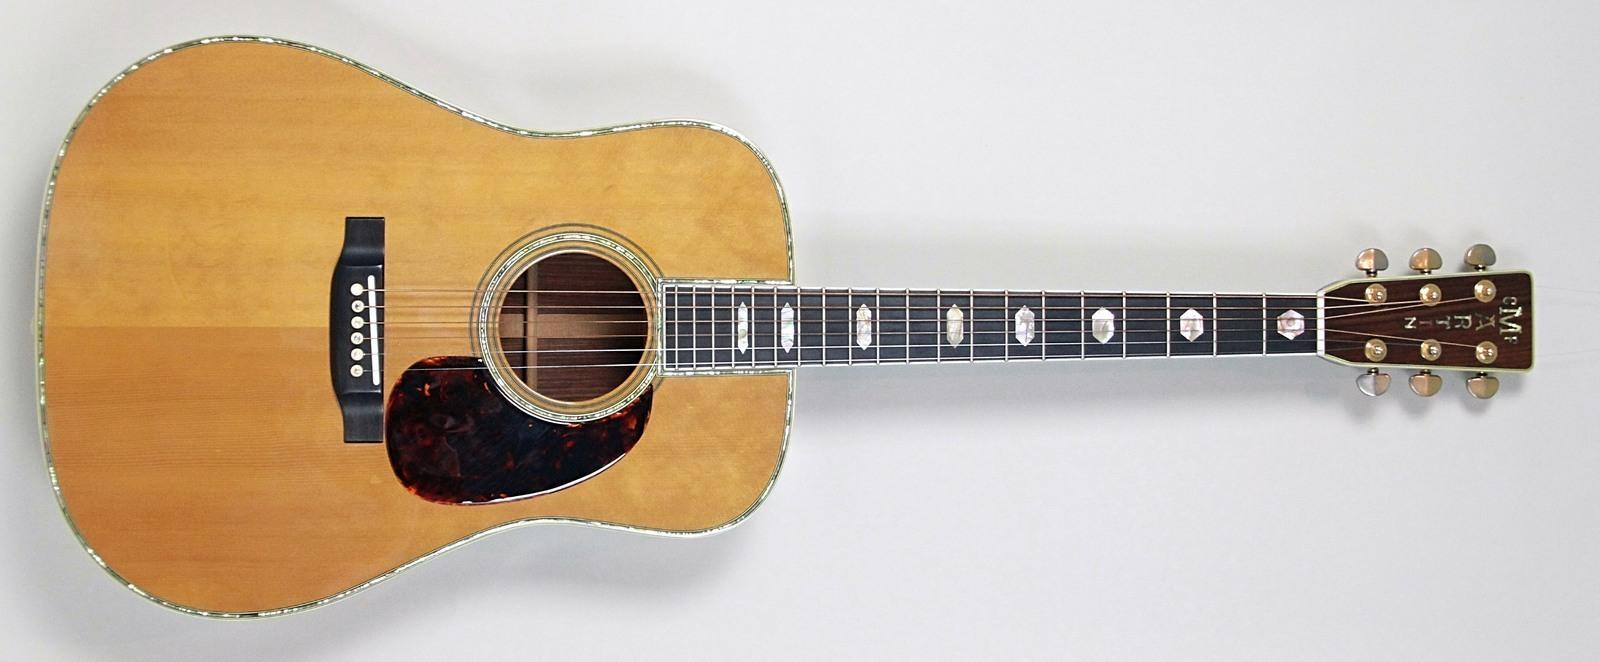 Taylor Guitars For Sale >> 1976 Martin D45 - Vintage & Modern Guitars